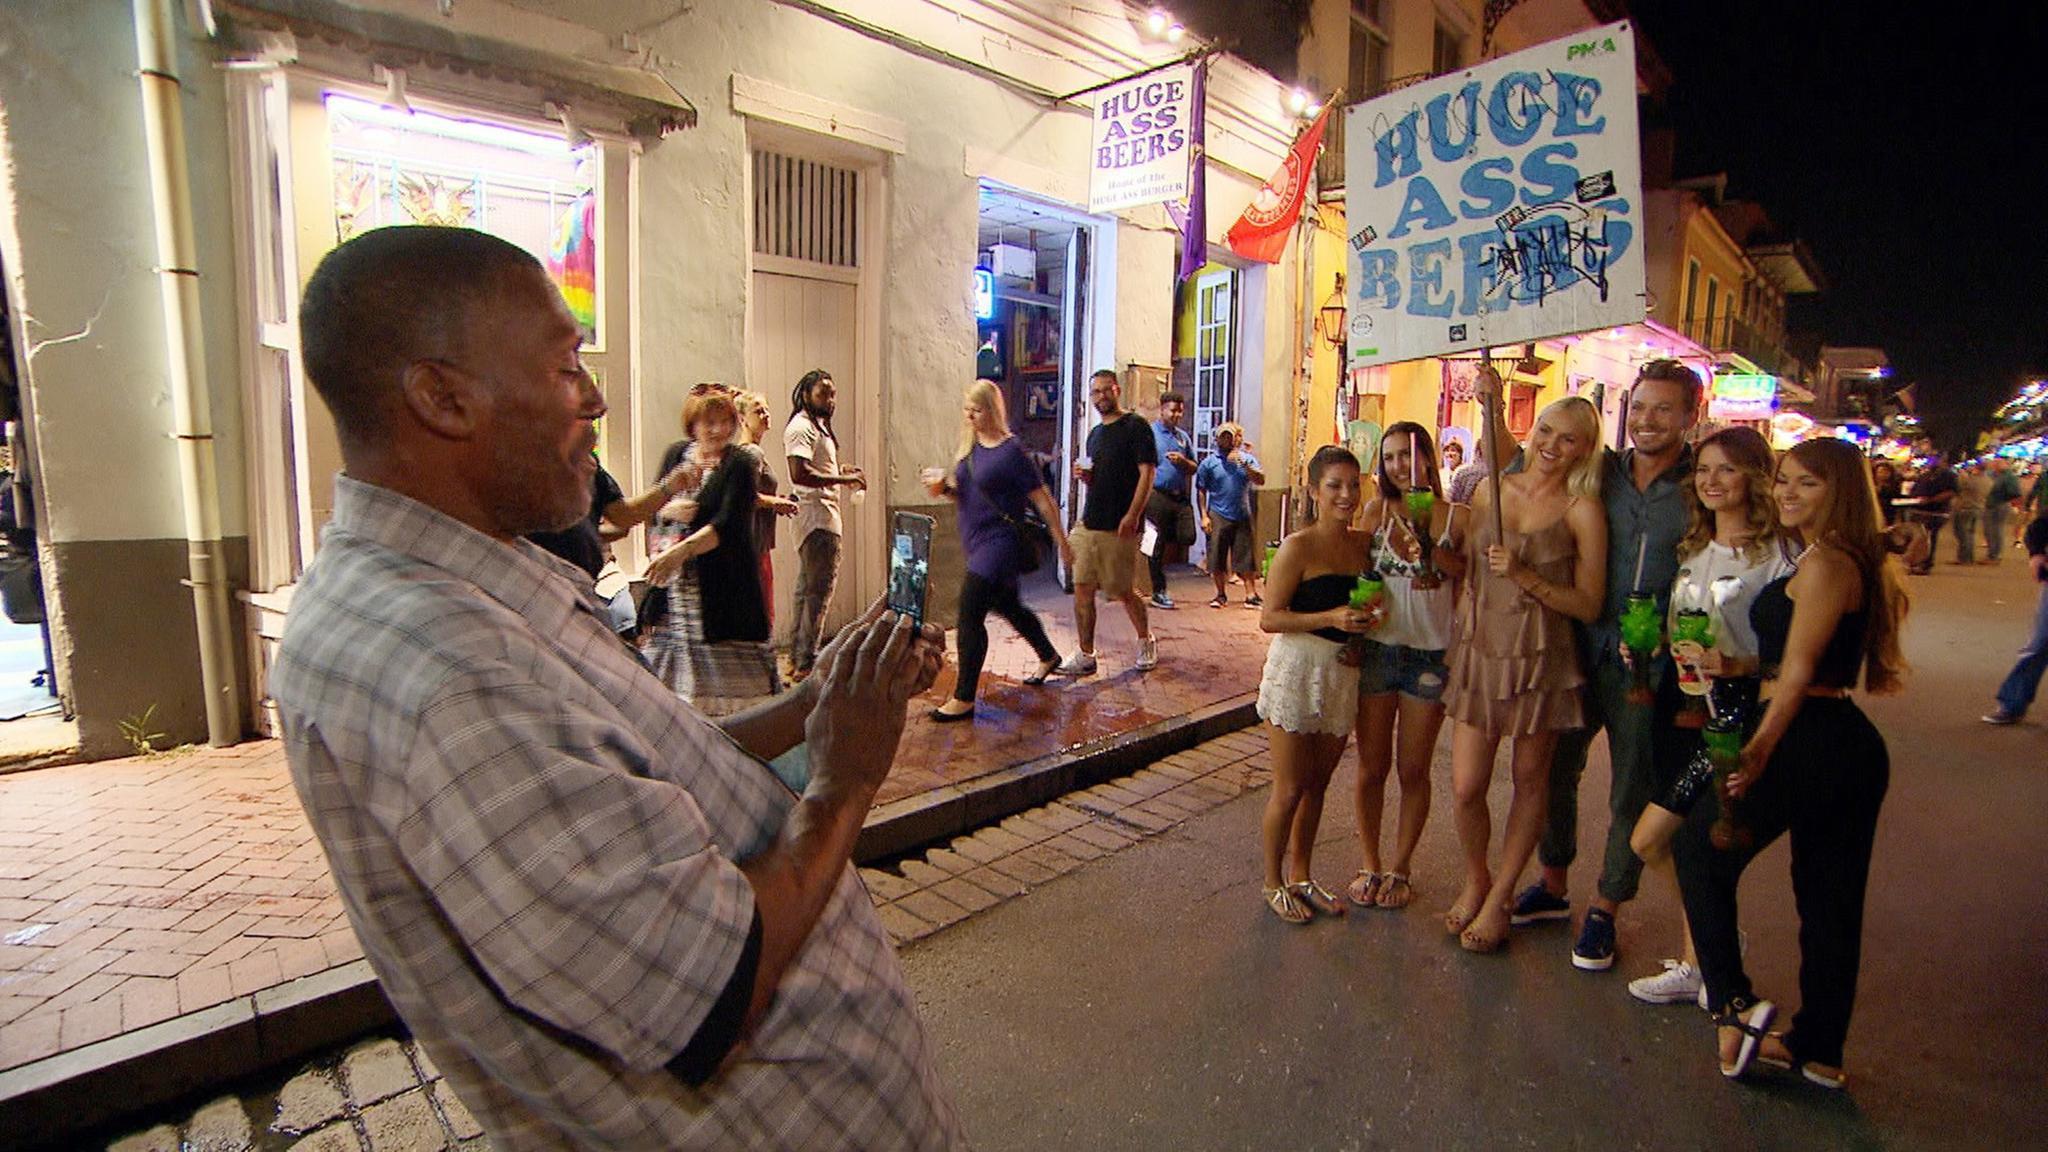 Sebastian und die restlichen Kandidatinnen amüsieren sich beim Mardi Gras in New Orleans.